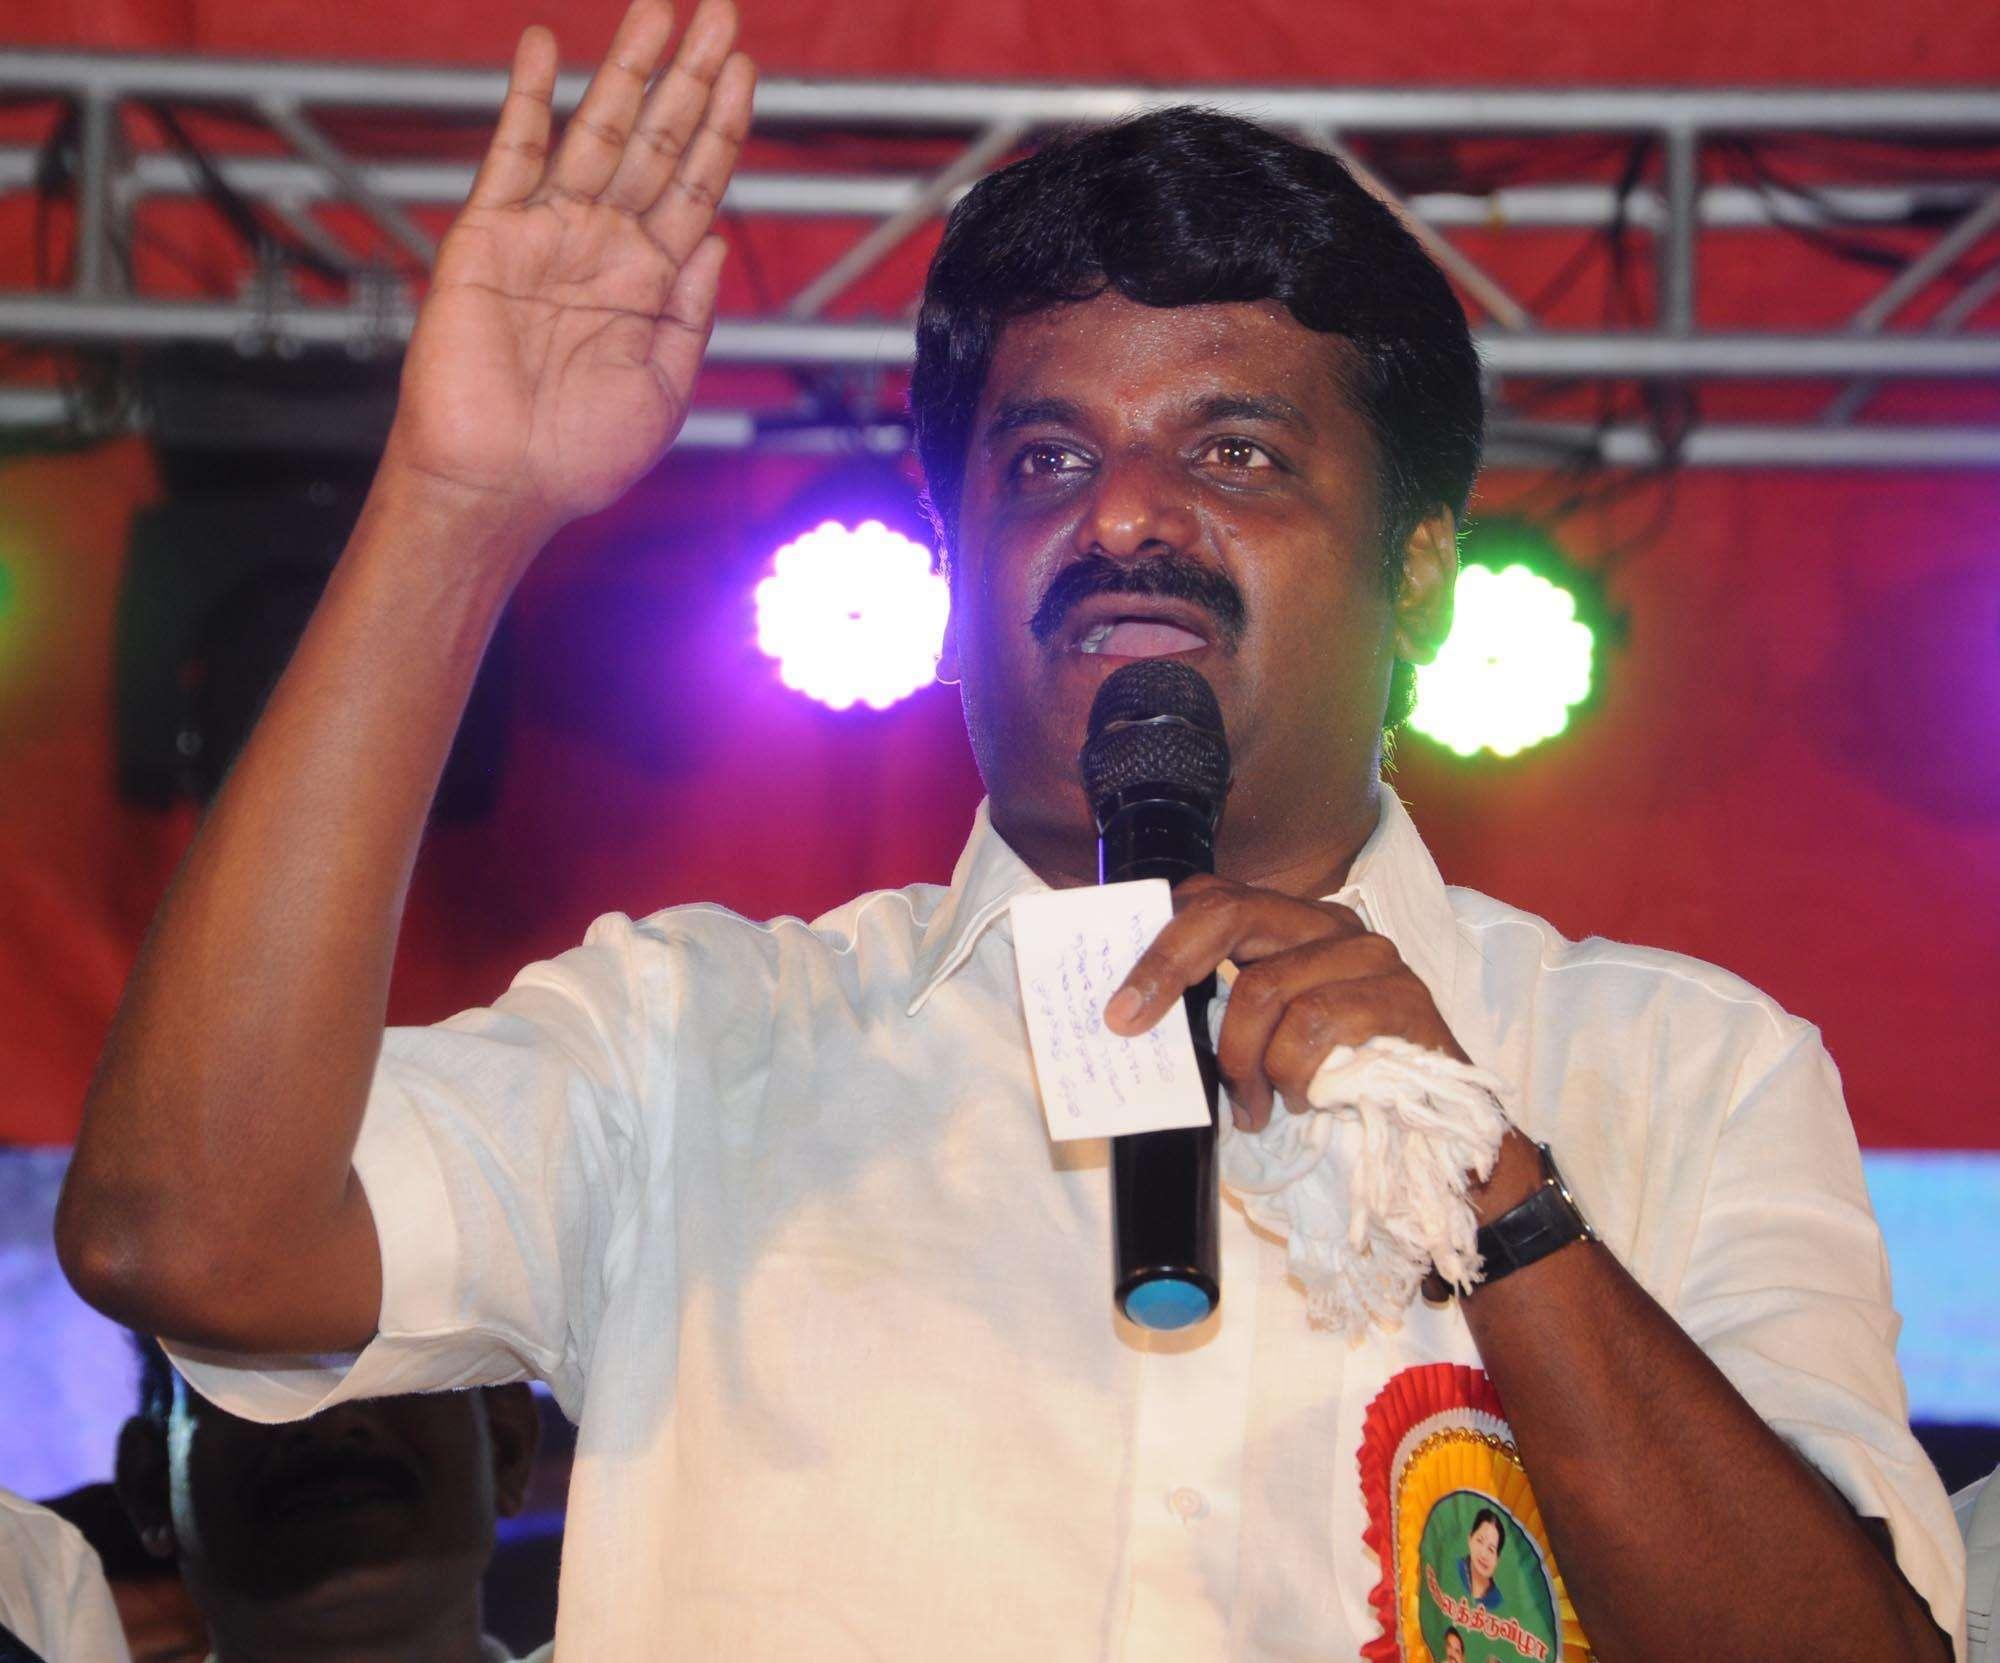 அமைச்சர் விஜயபாஸ்கர்